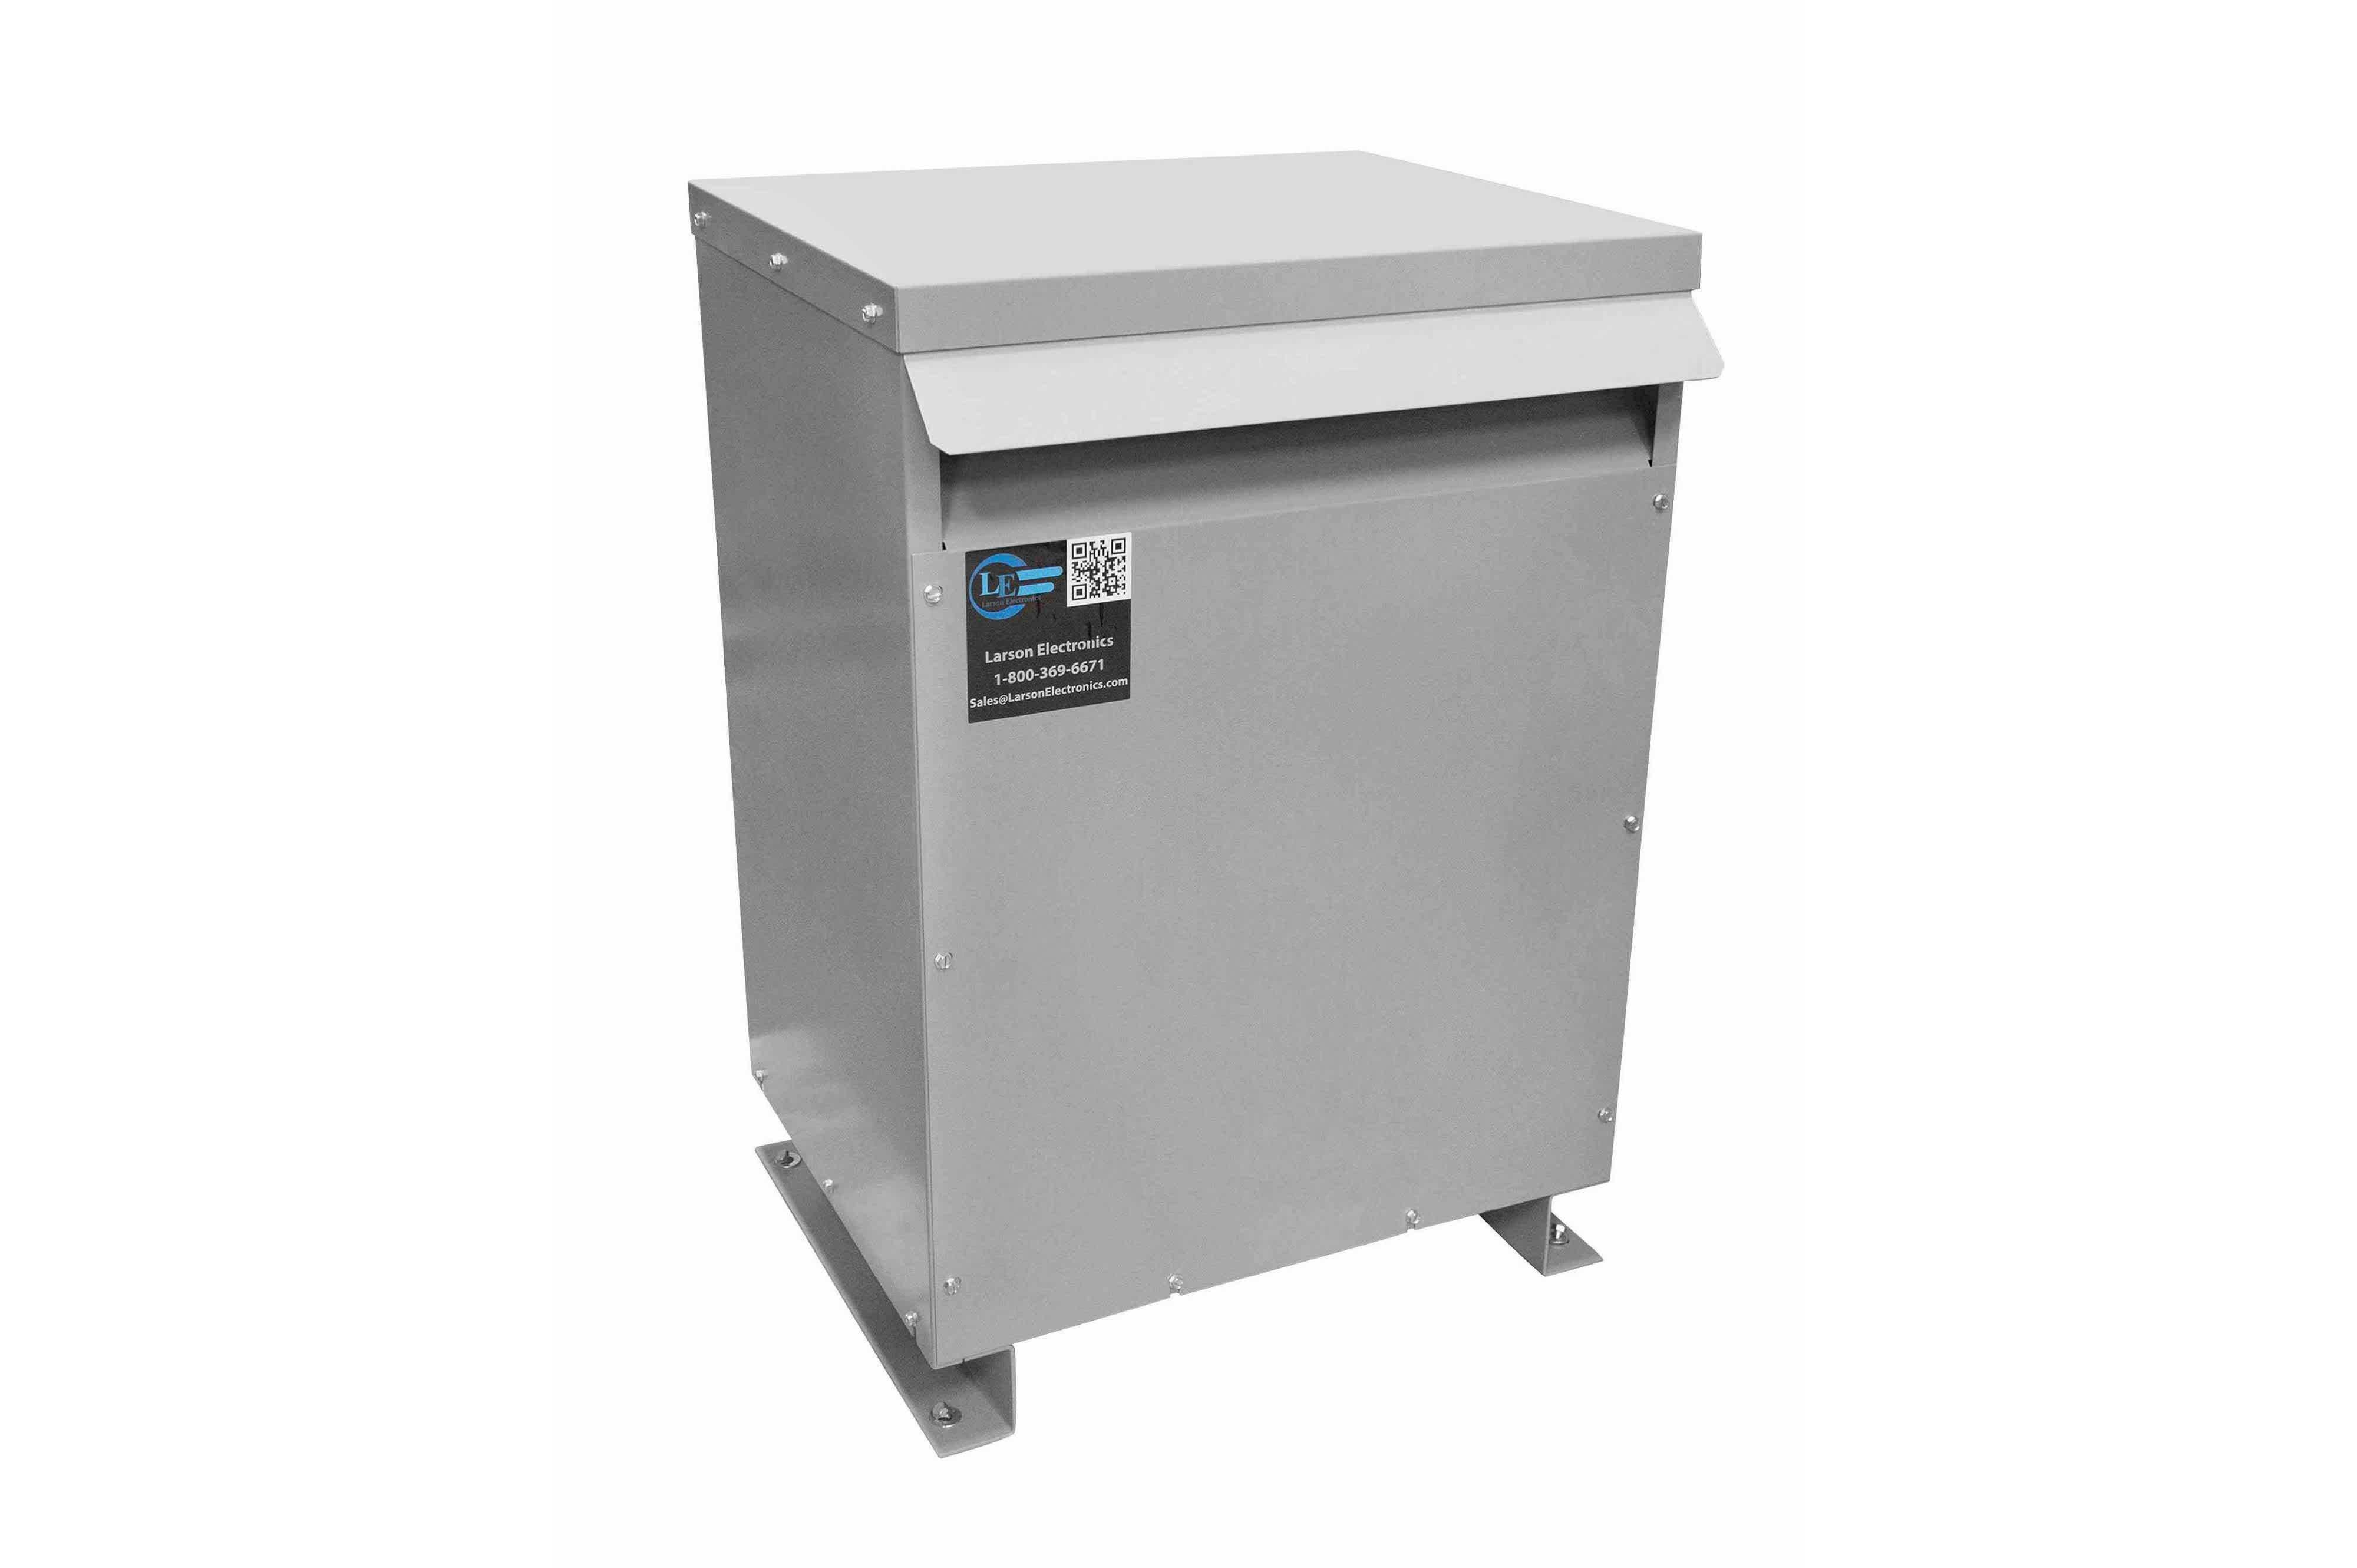 1000 kVA 3PH Isolation Transformer, 600V Delta Primary, 415V Delta Secondary, N3R, Ventilated, 60 Hz